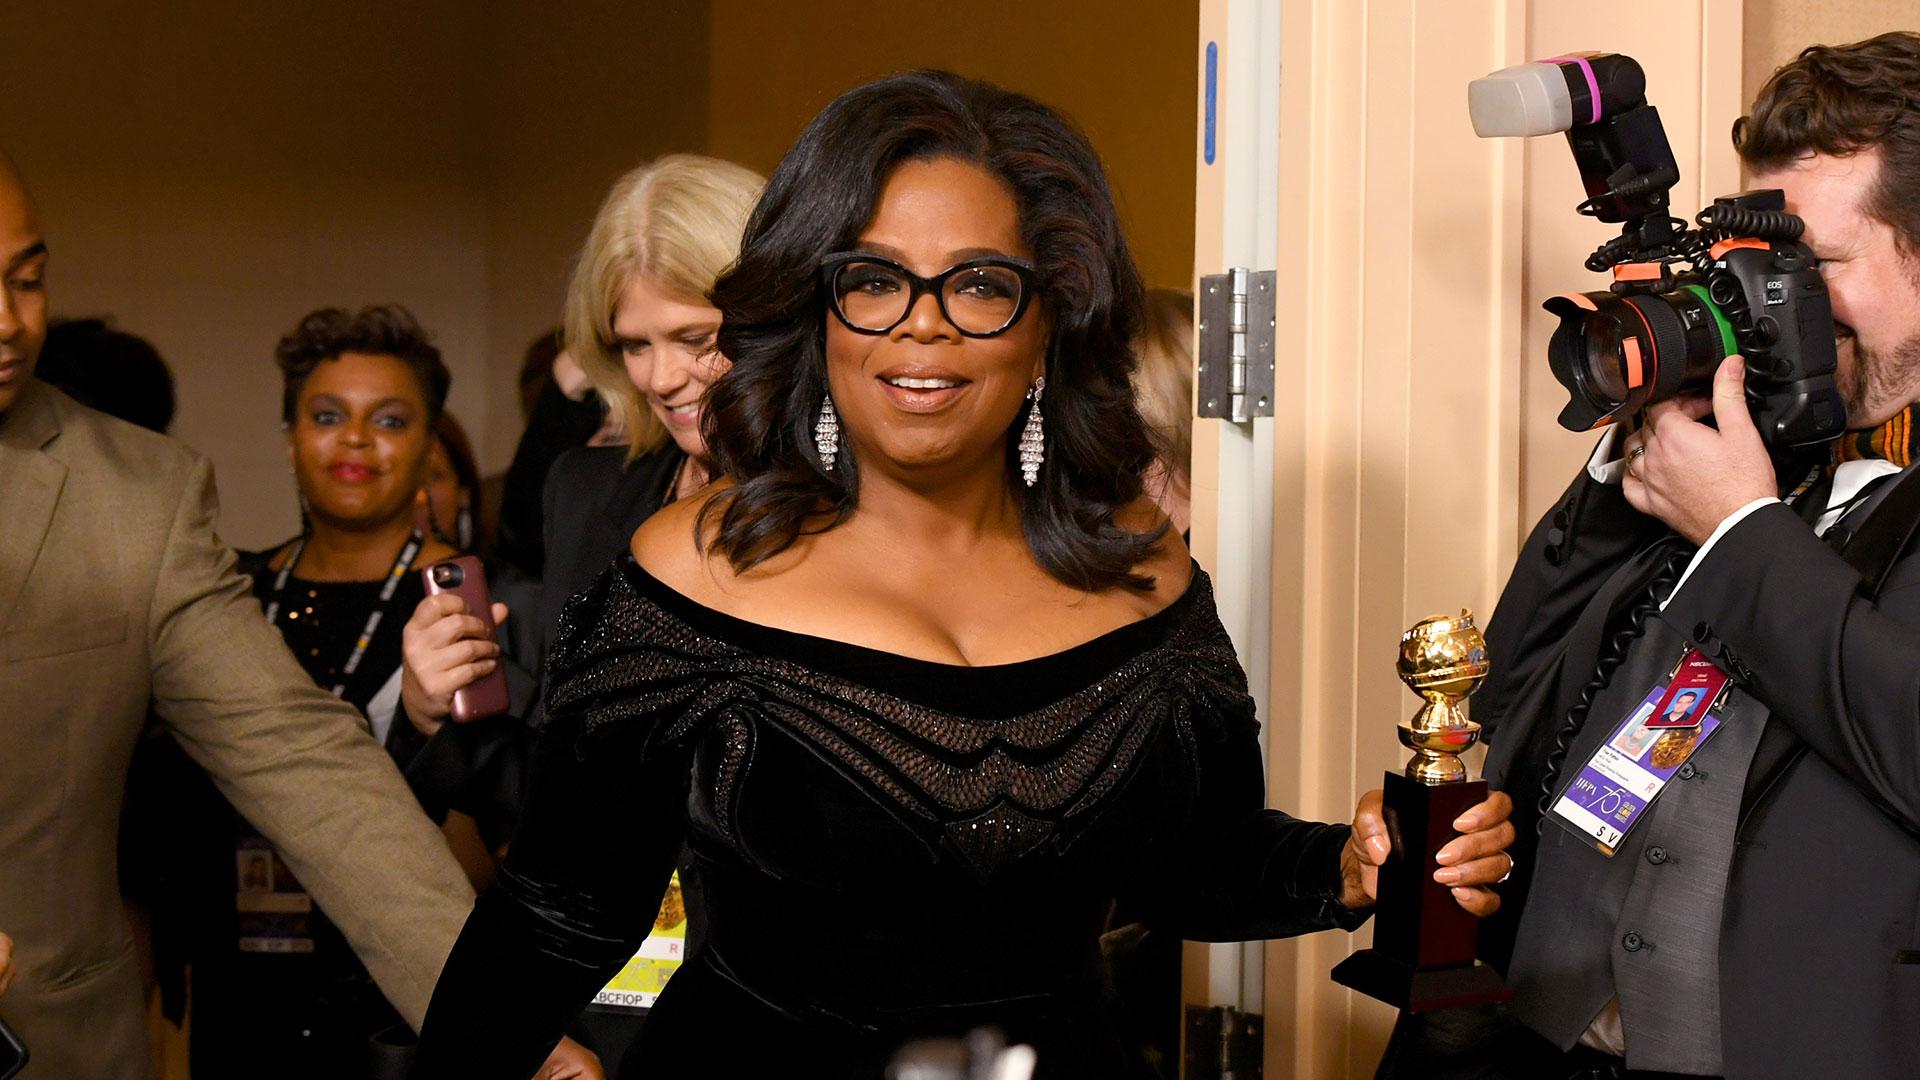 La conductora Oprah Winfrey ganó Golden Globes en su última edición (AFP)